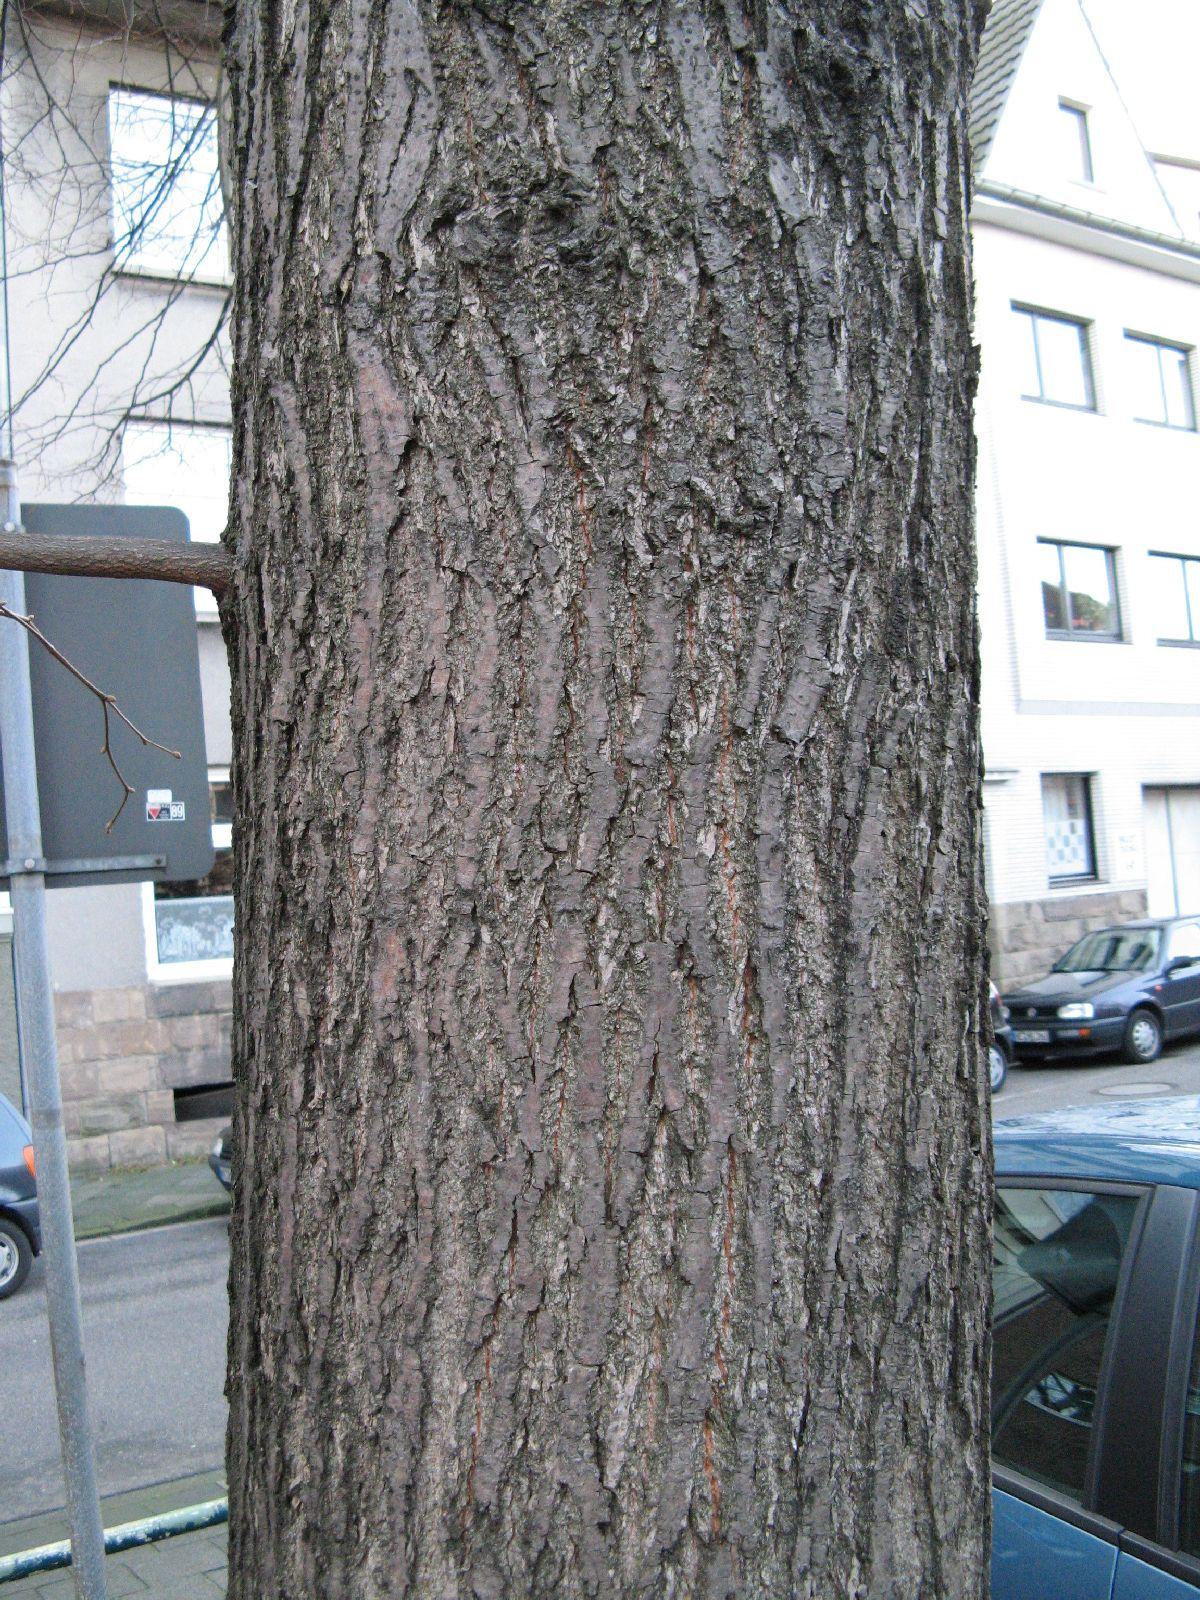 Baum-Rinde_Texturs_B_27650